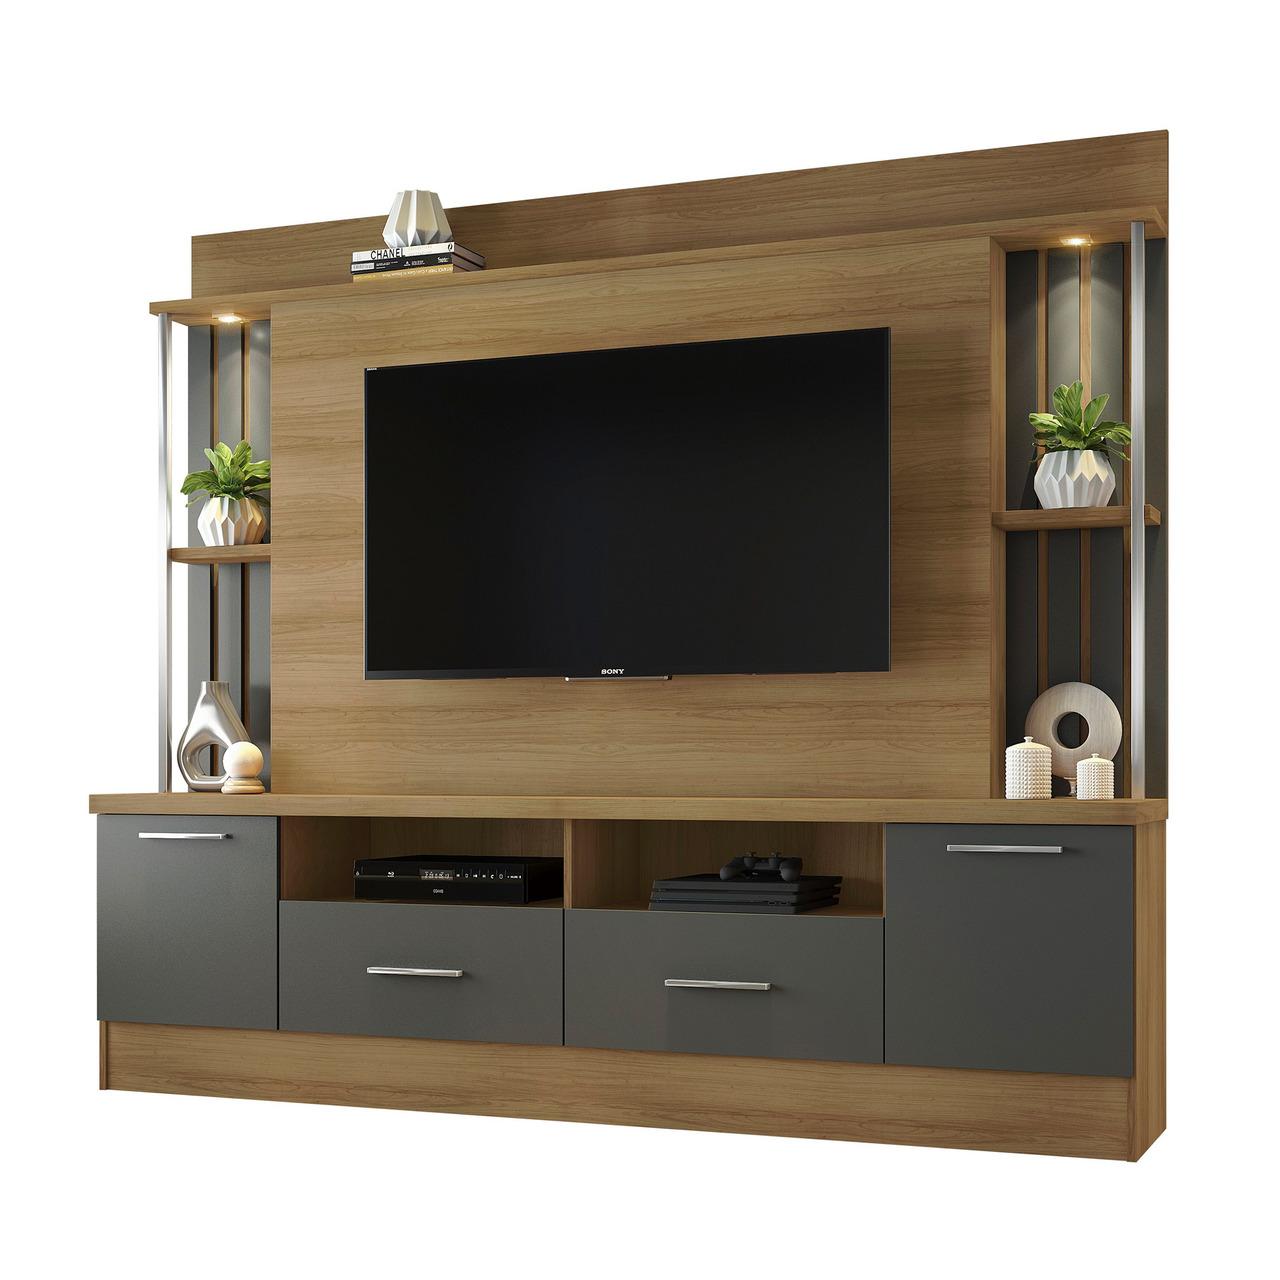 Painel Home para TV de até 65 Polegadas 2 Gavetas 2 Portas Afeto JCM Movelaria